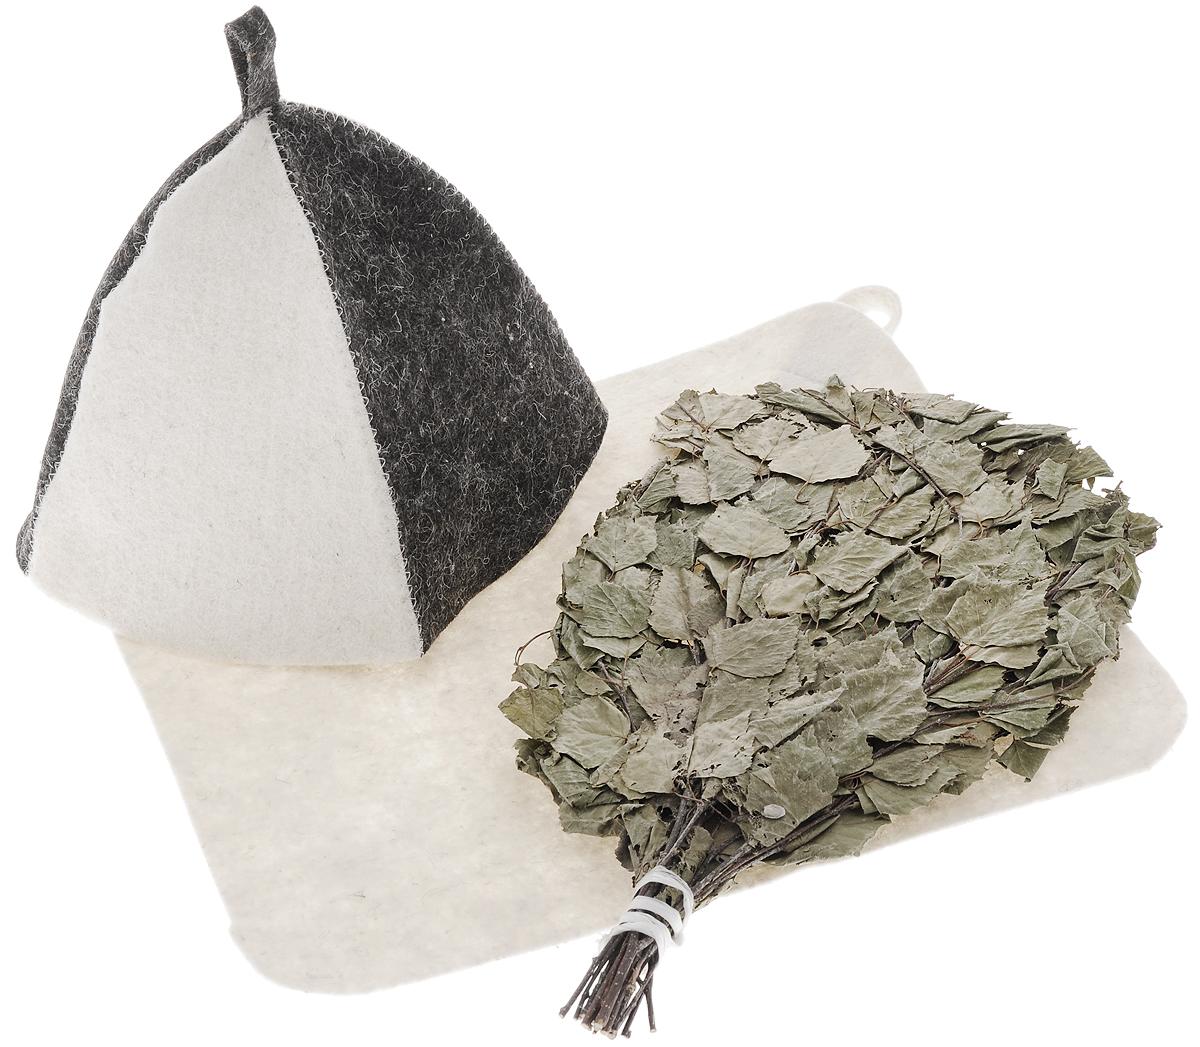 Набор подарочный для бани и сауны Банные штучки, цвет: молочный, черный, 3 предмета34210_молочный, черныйОригинальный набор Банные штучки состоит из березового веника, коврика и шапки. Березовый веник используется в бане для общего тонизирования, оздоровления и расслабления организма. Коврик и шапка выполнены из войлока. Коврик используется в качестве подстилки на пол или скамейки, он убережет вас от ожогов и воздействия на кожу высоких температур. Шапка - незаменимый атрибут в бане, она предотвращает сухость и ломкость волос, а также защищает от головокружения. Подарочный набор Банные штучки включает все необходимое, что понадобится в бане. Идеальный подарок для заядлых банщиков. Размер коврика: 39 х 35 см. Длина веника: 42 см. Высота шапки: 23 см. Диаметр основания шапки: 38 см.